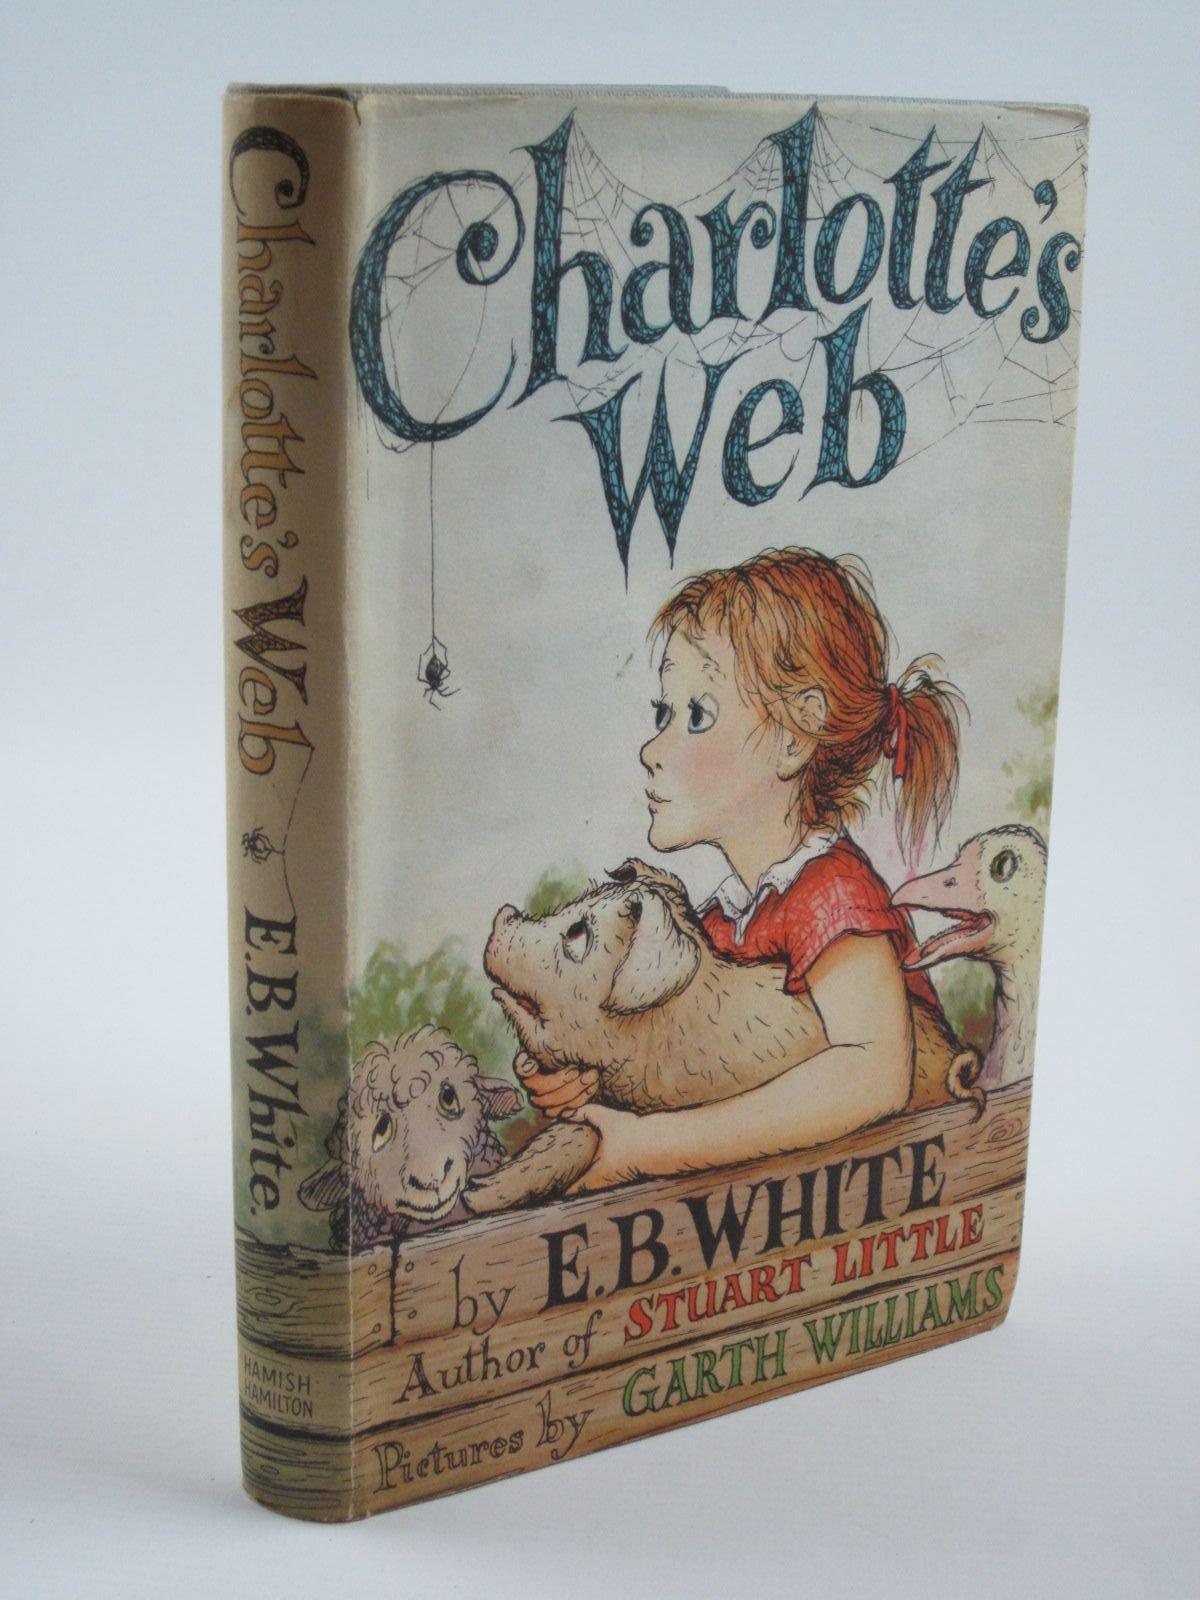 Charlottes Web: Amazon.es: E. B. White, Matt Jones: Libros en idiomas extranjeros